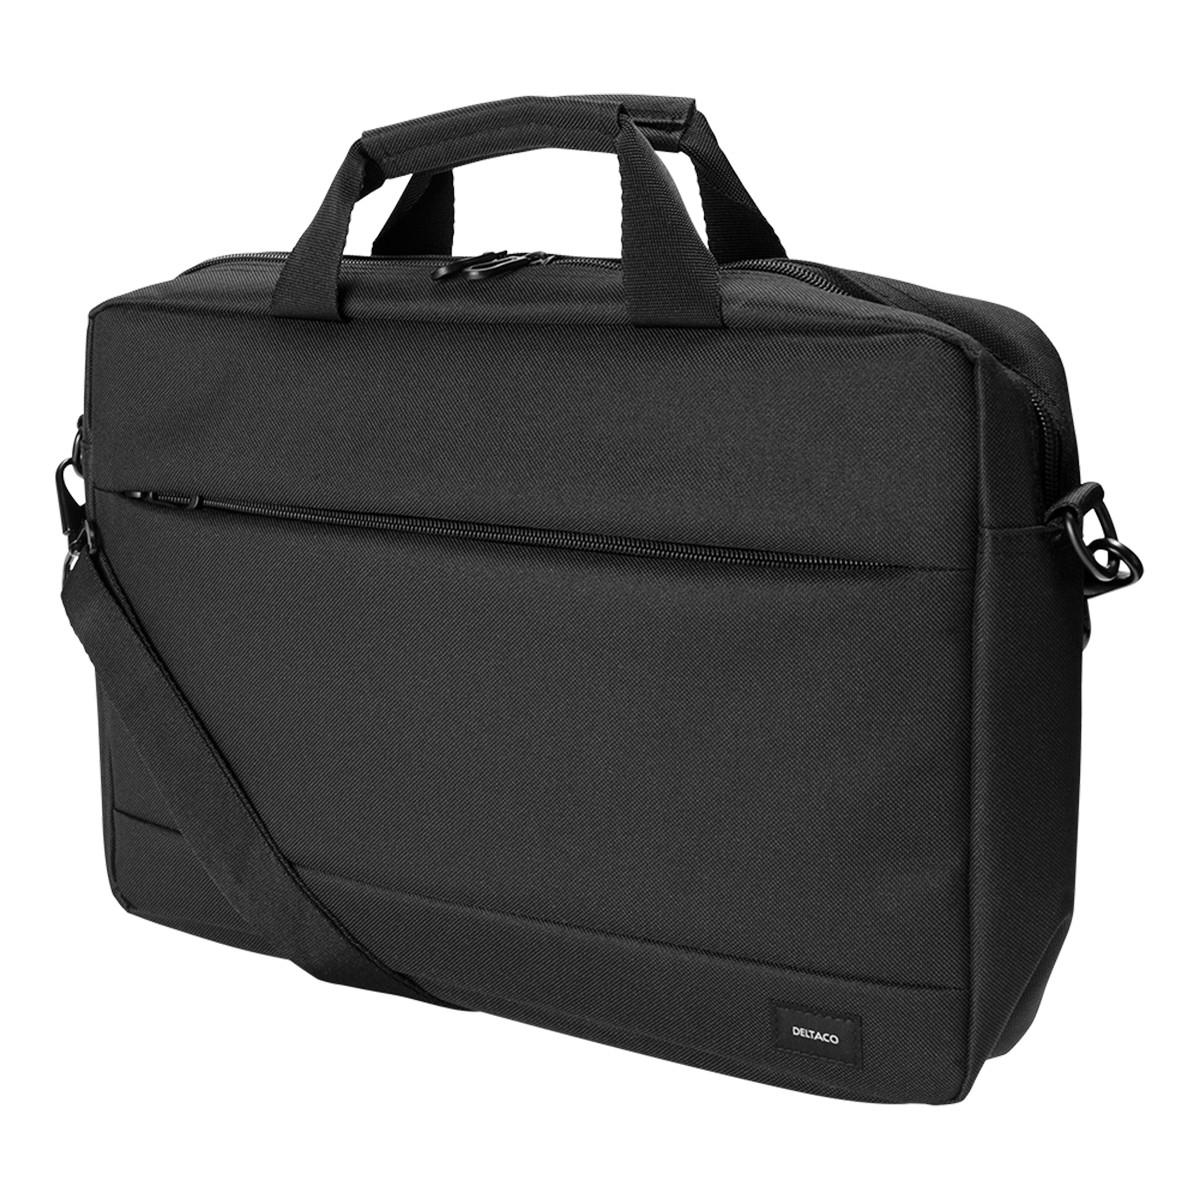 Deltaco Laptopväska för laptops upp till 13-14 tum, svart